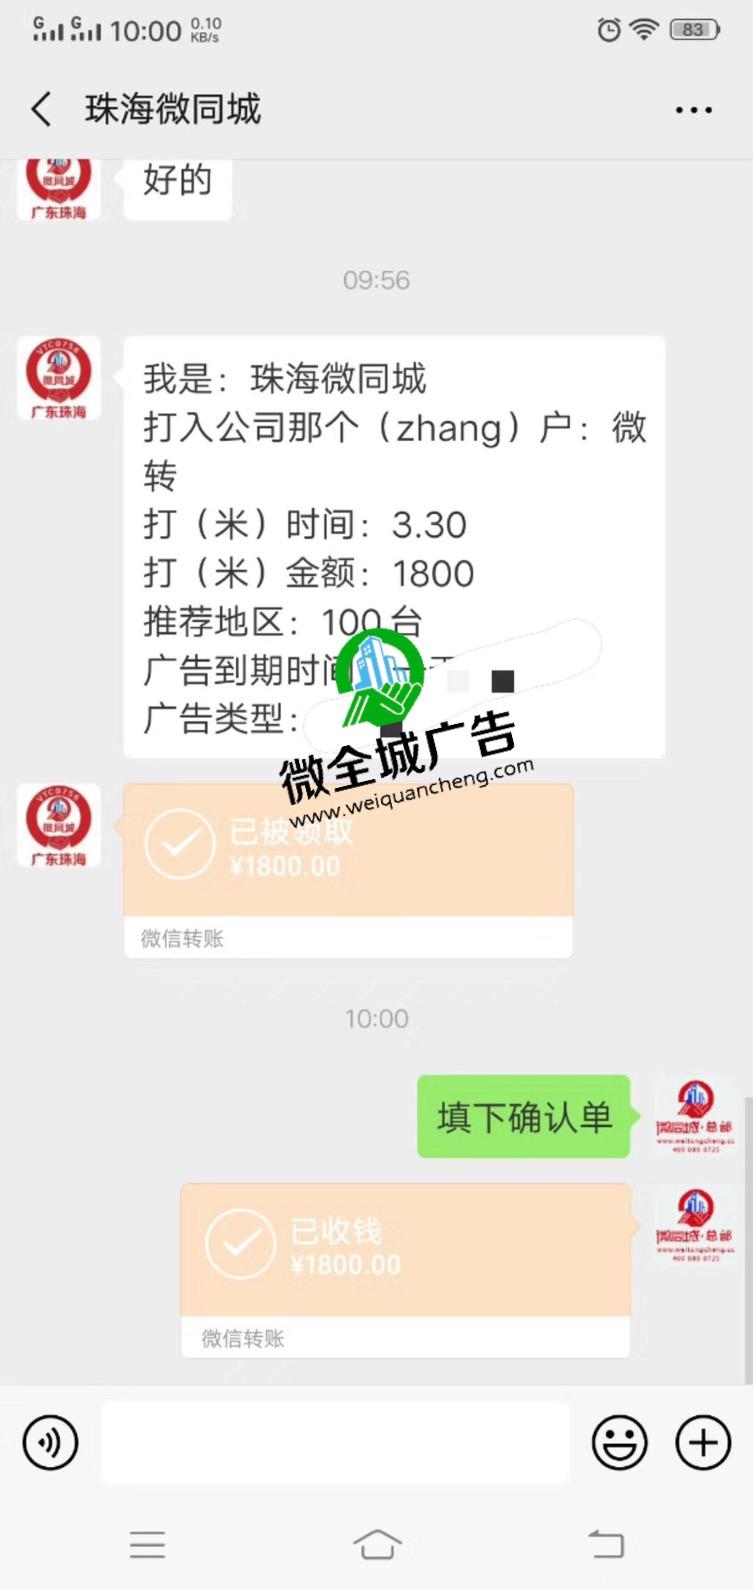 【又一商家推广100个平台】祝贺珠海微全城微帮